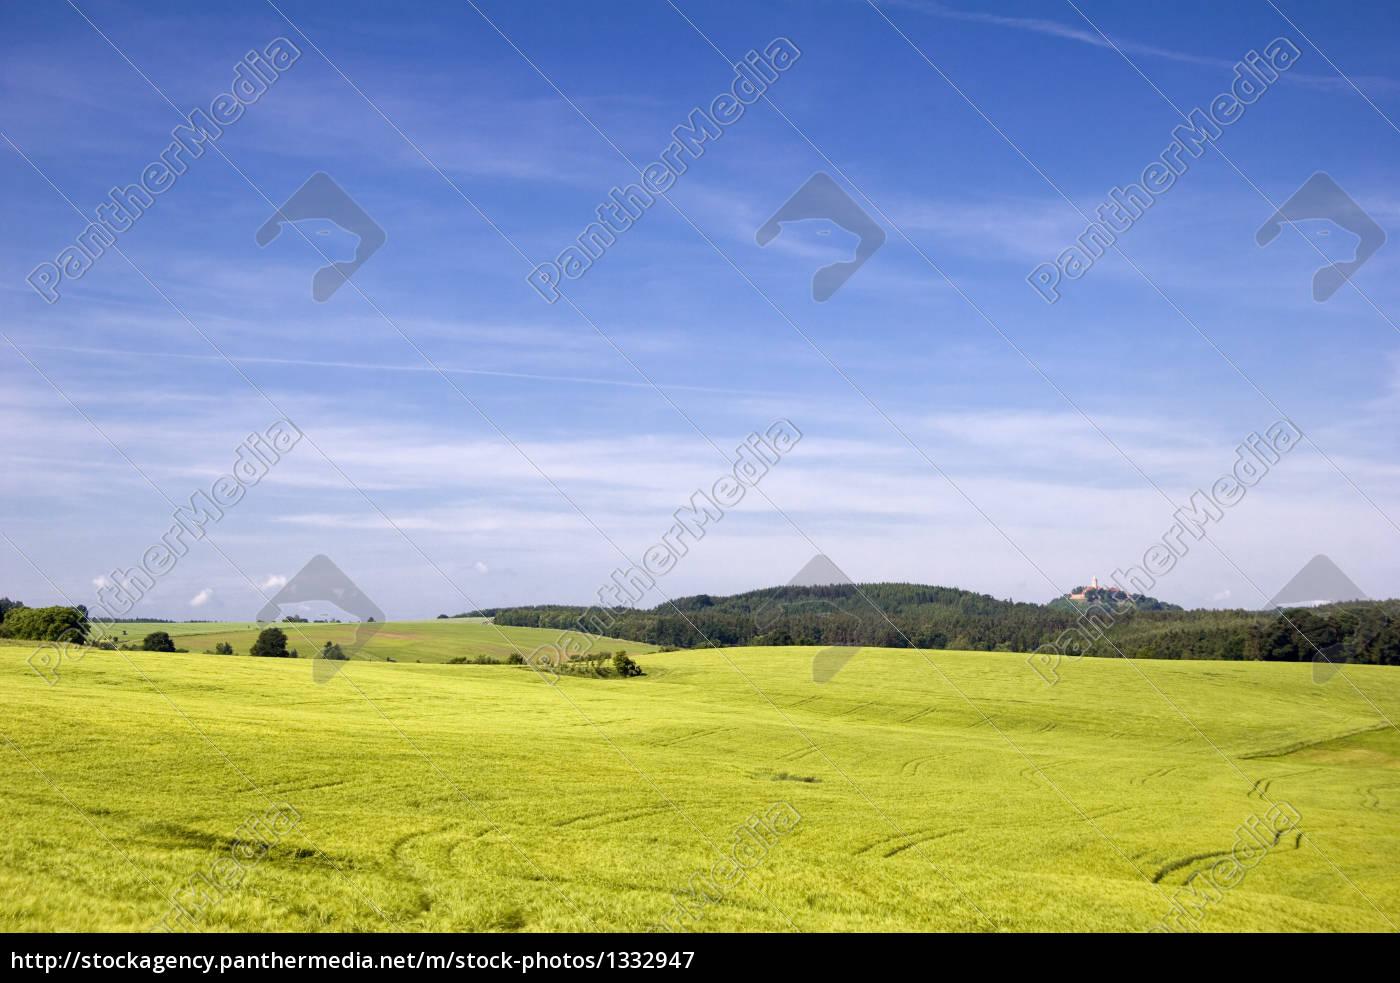 woodland, fields - 1332947